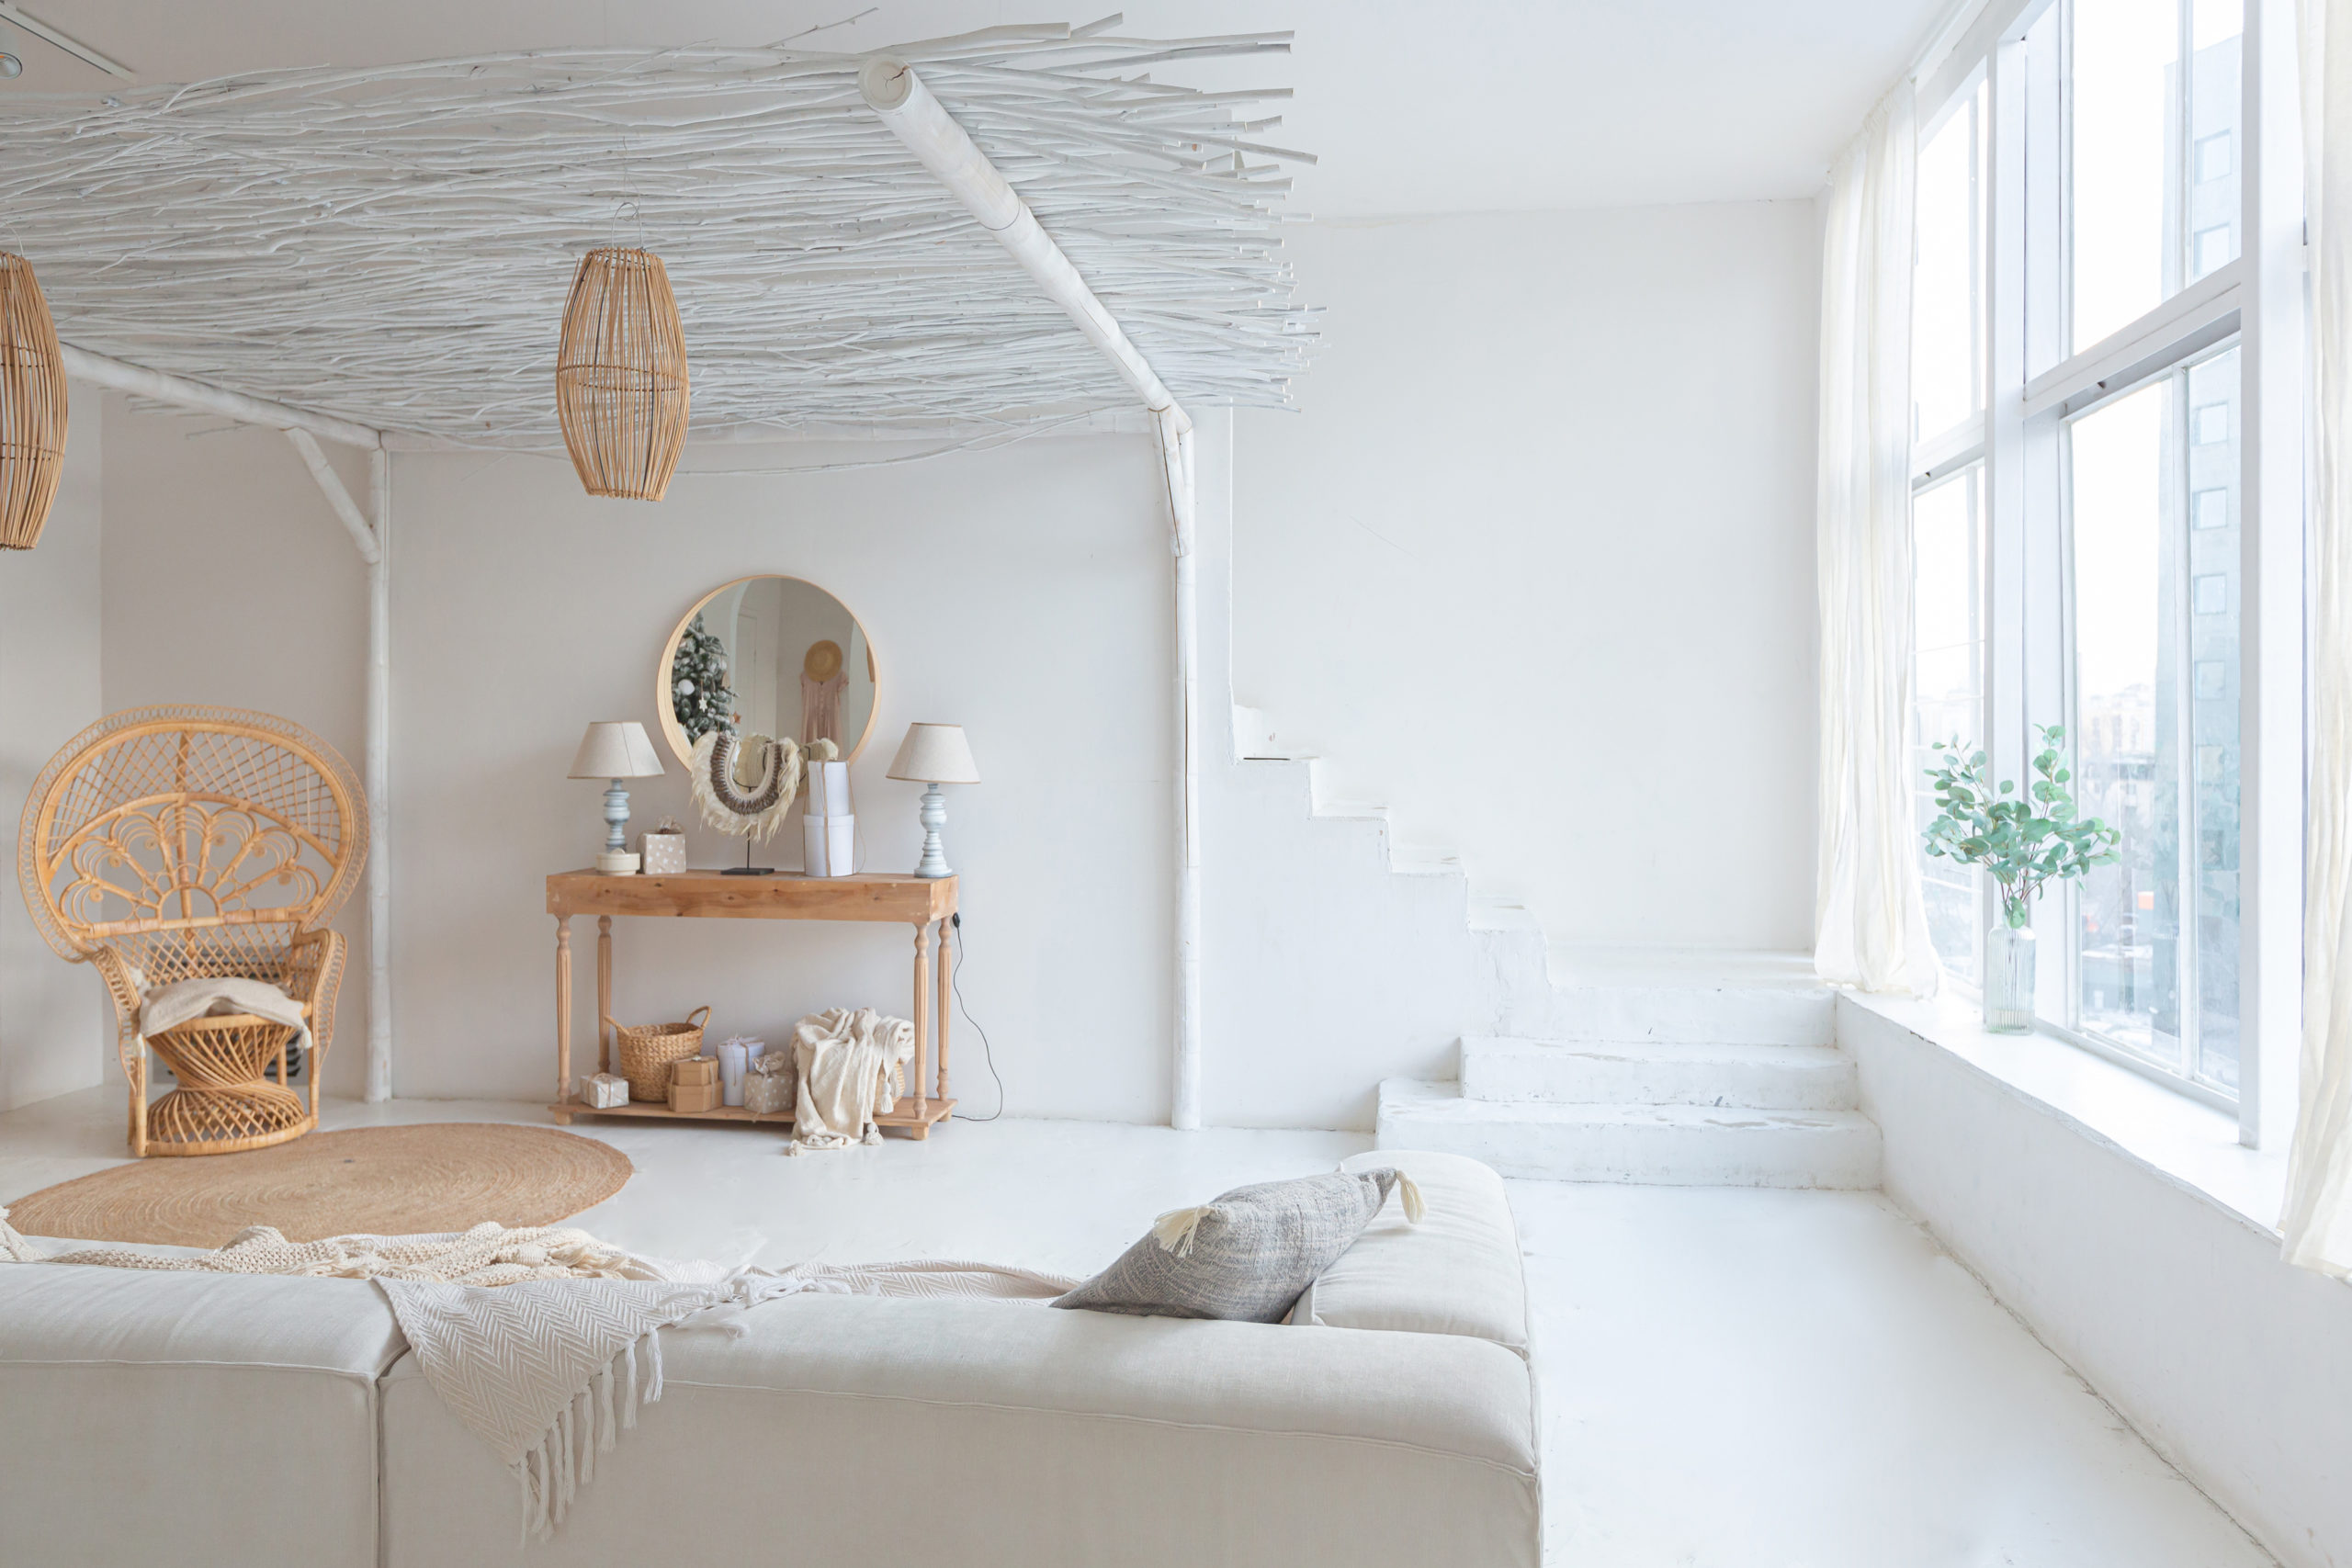 Good Vibes - Mieszkanie z Instagrama - czyli wnętrza w stylu balijskim 3